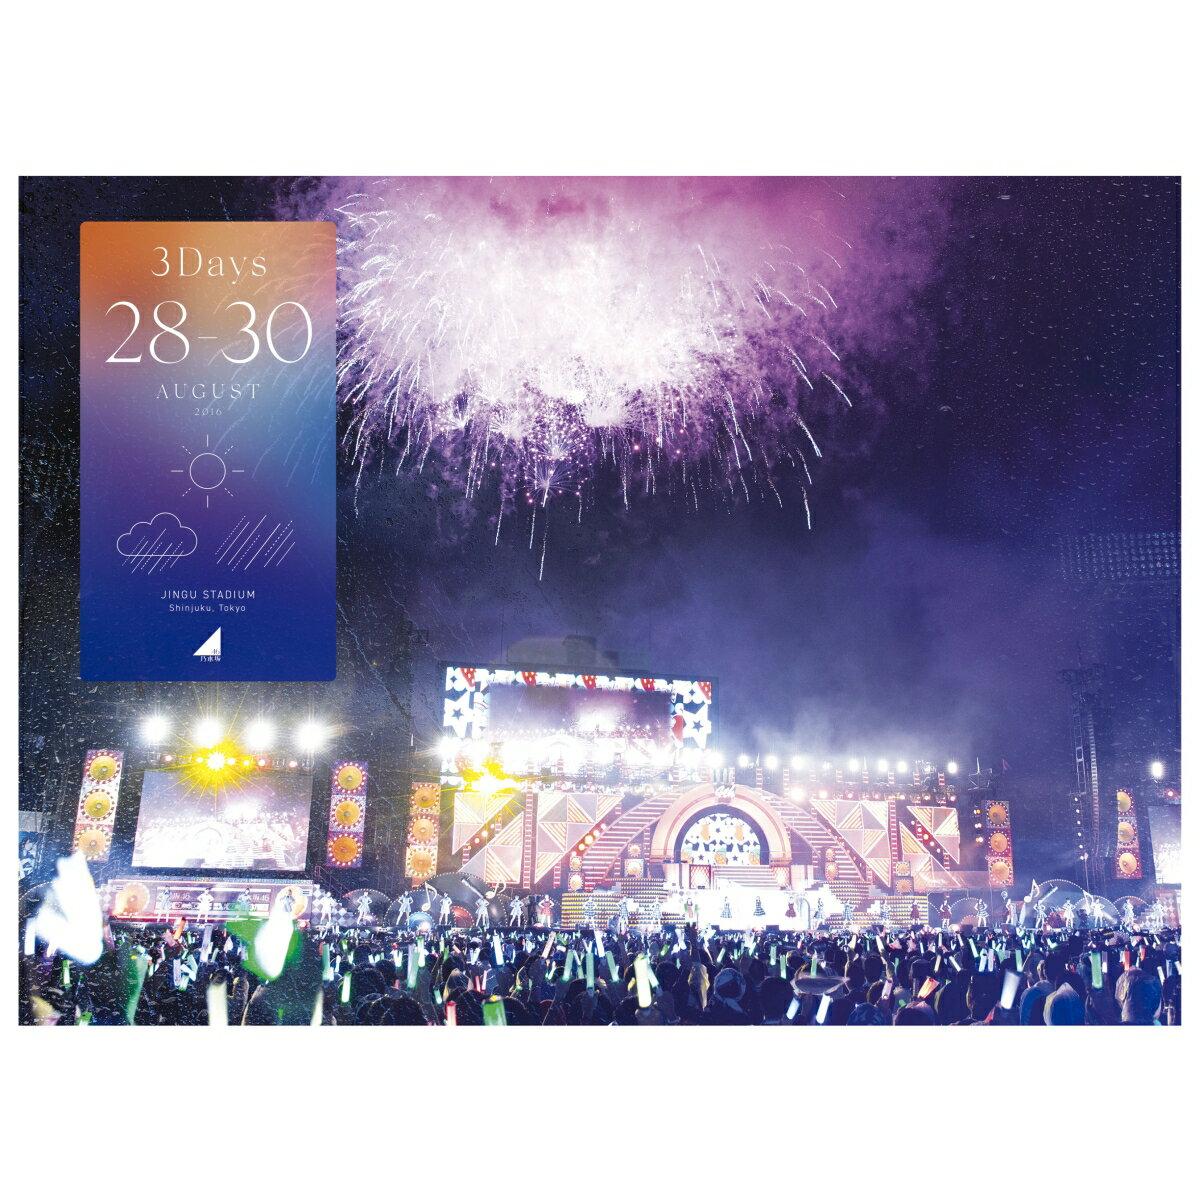 乃木坂46 4th YEAR BIRTHDAY LIVE 2016.8.28-30 JINGU STADIUM(完全生産限定盤)【Blu-ray】 [ 乃木坂46 ]